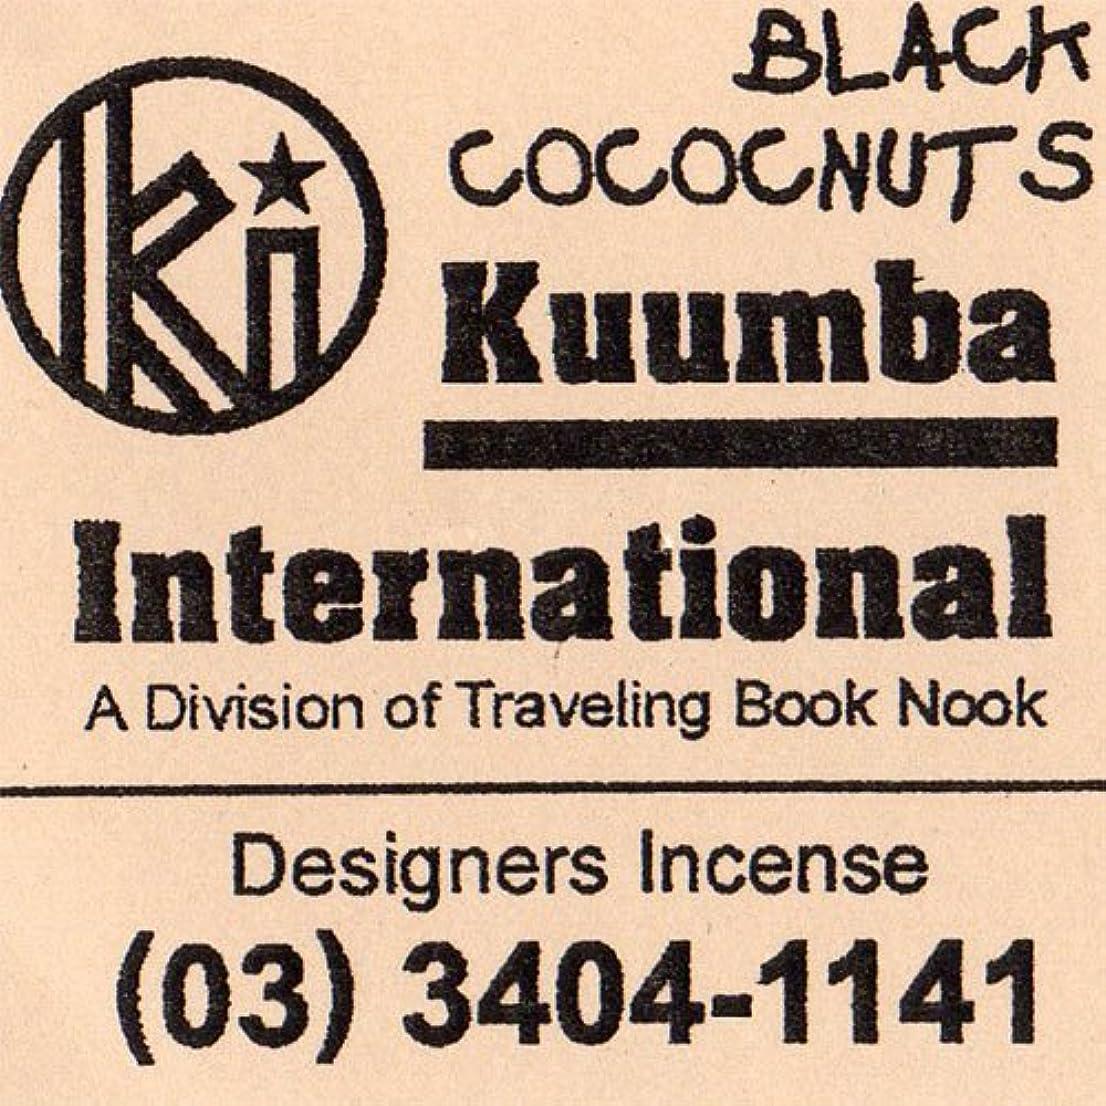 ホットマイルド過剰KUUMBA / クンバ『incense』(BLACK COCONUTS) (Regular size)